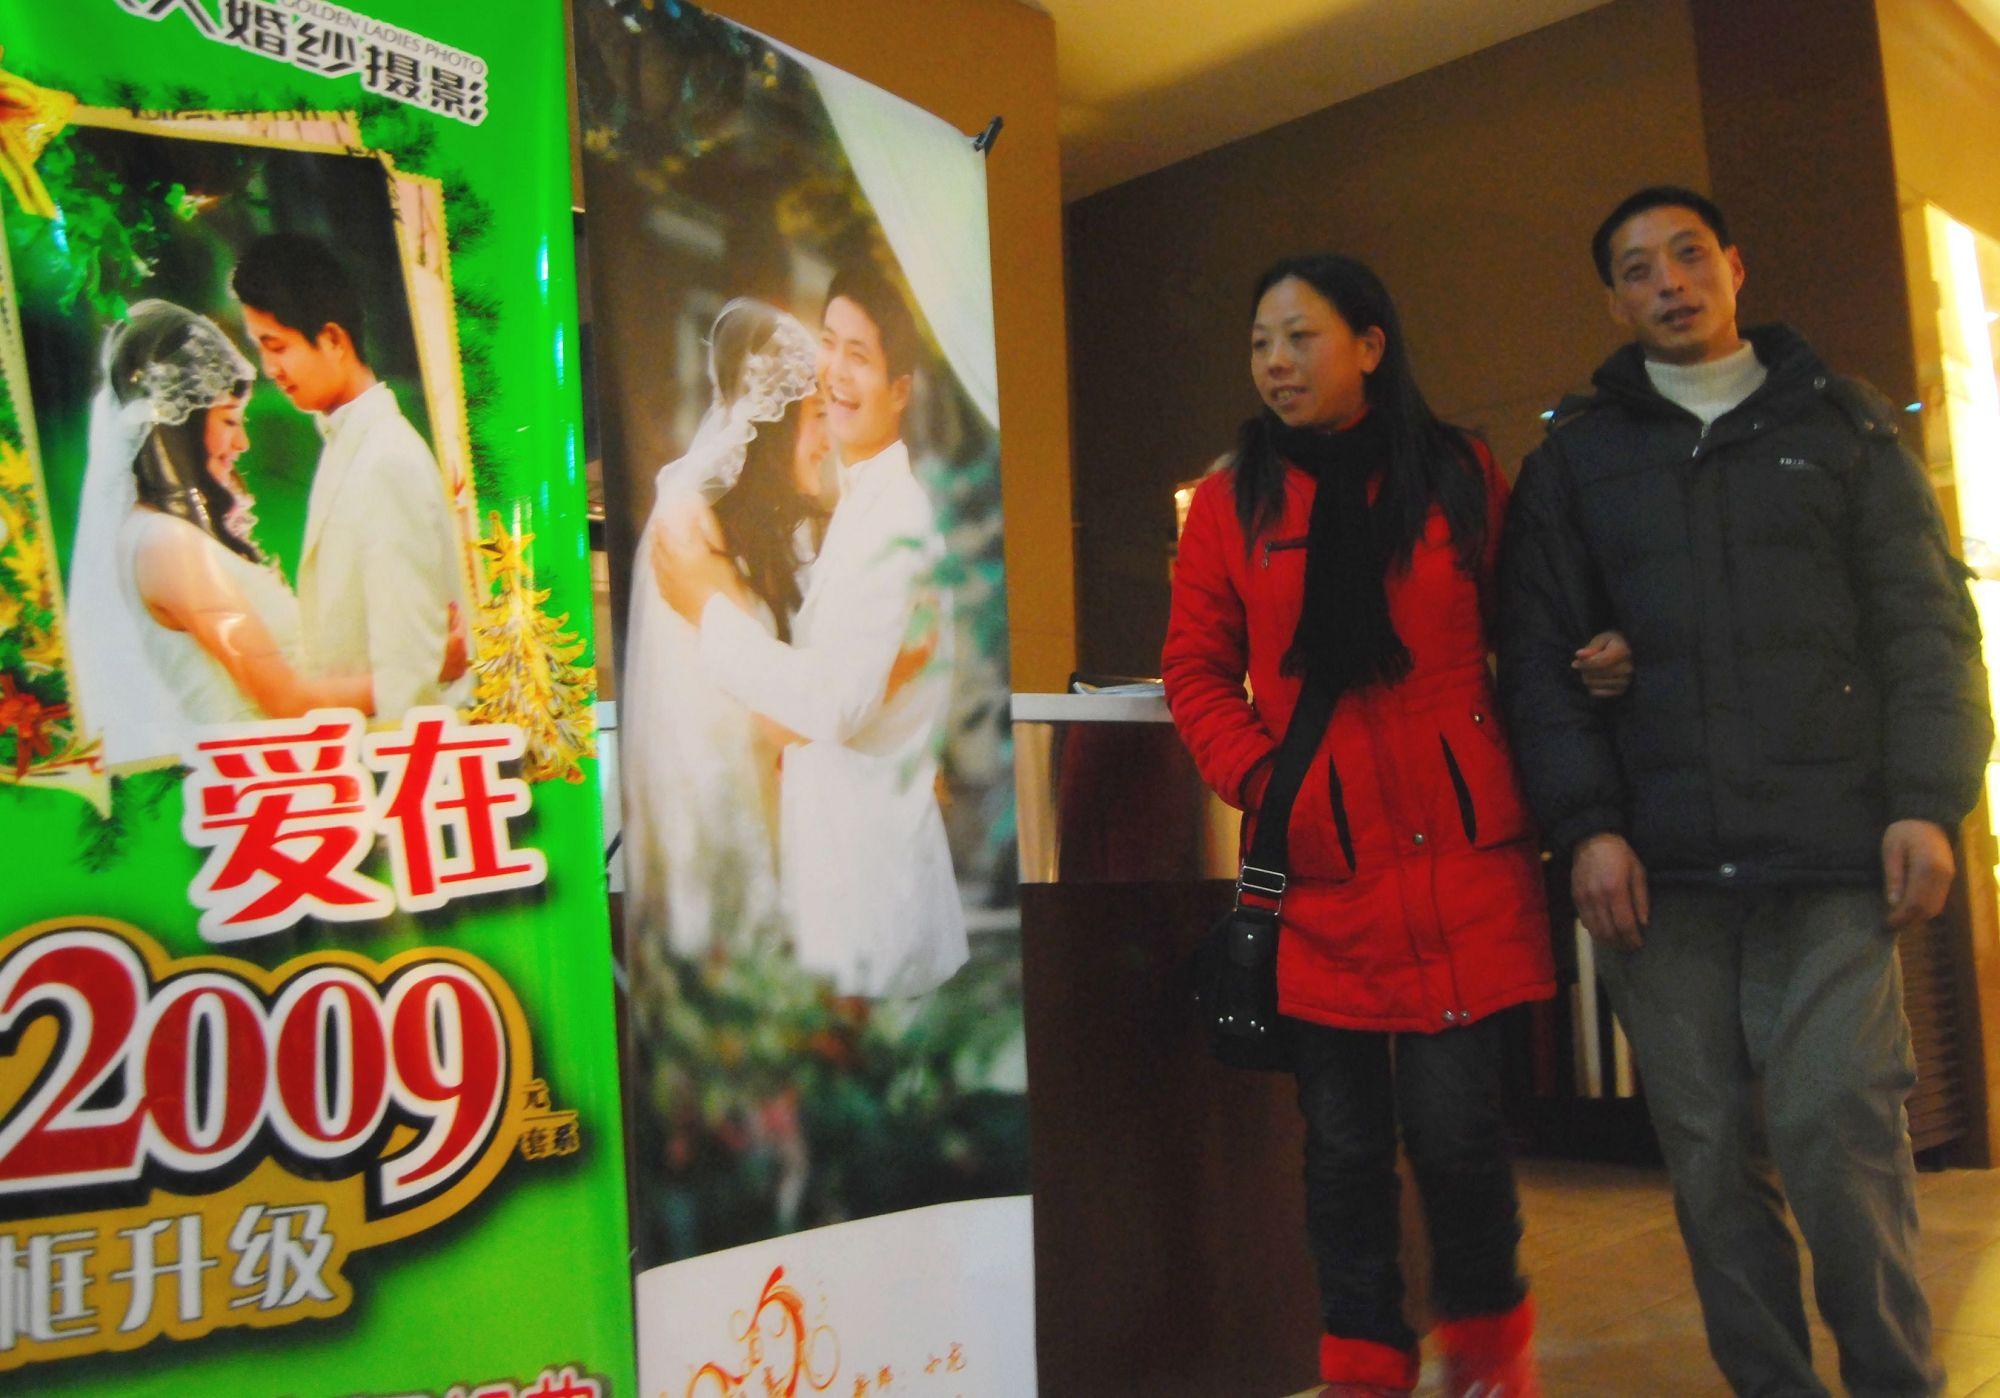 2009年,在一家机构的赞助下张建军和母贤碧走进一家婚纱影楼准备补拍婚纱照。澎湃新闻记者 胥辉 图